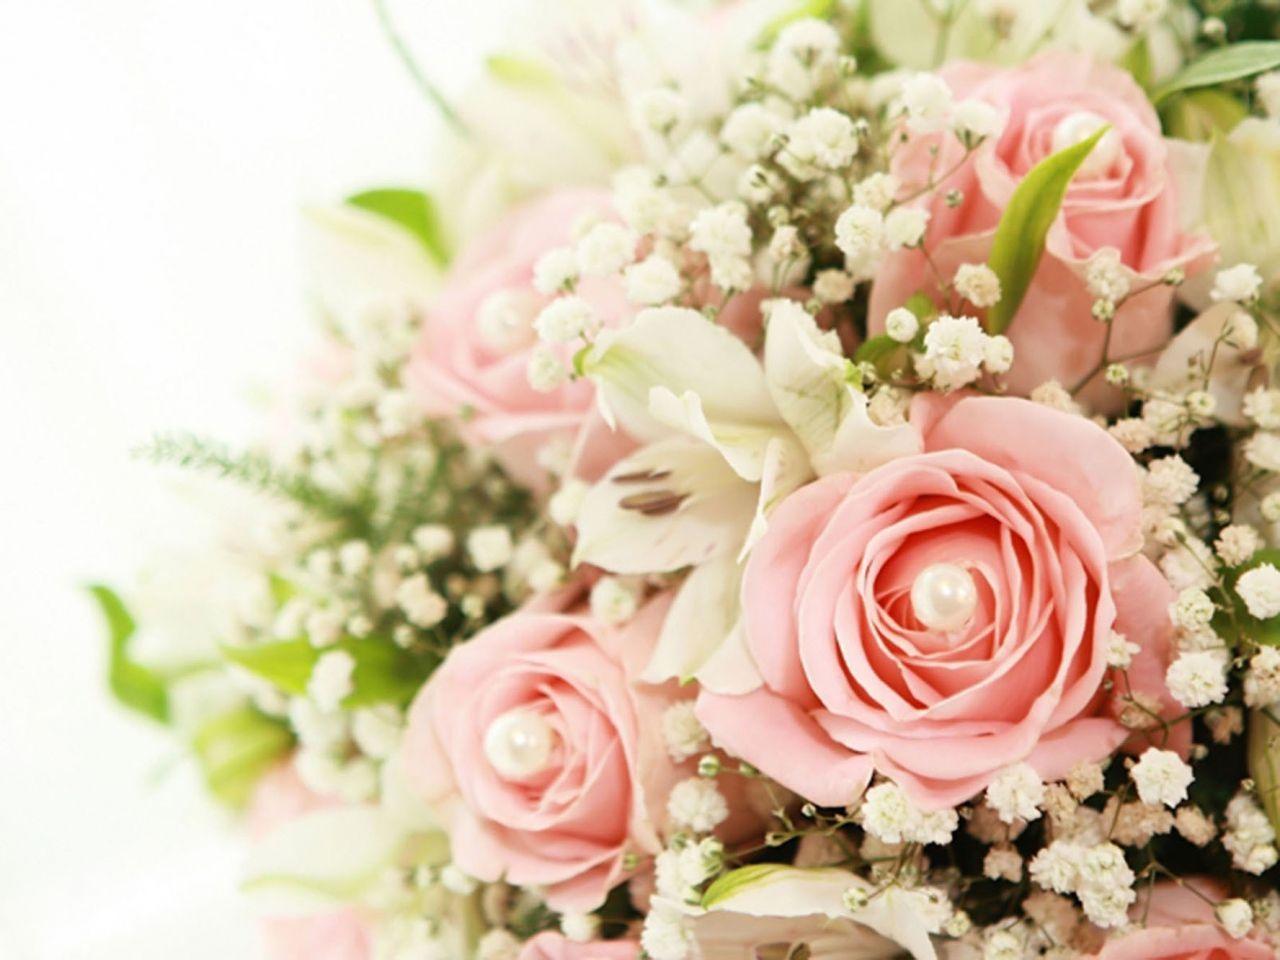 Imagen De Flores Hermosas Para Fondo De Pantalla: Resultado De Imagen Para Fondos De Pantalla De Flores